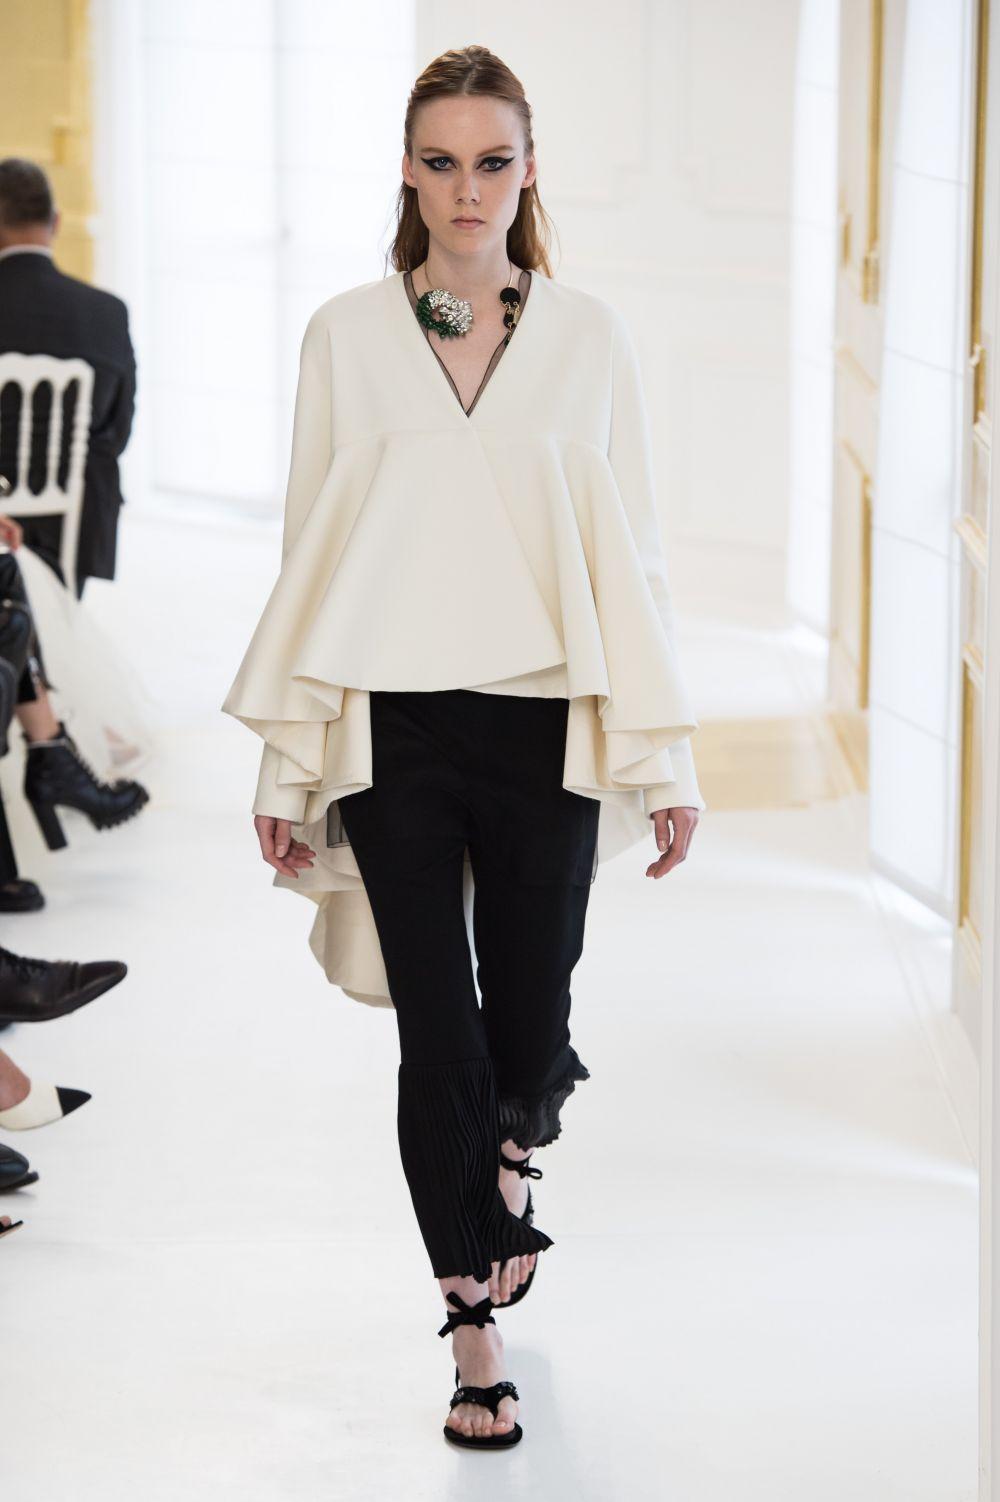 У Диор были представлены в основном более классические оттенки цвета одежды: белый и черный